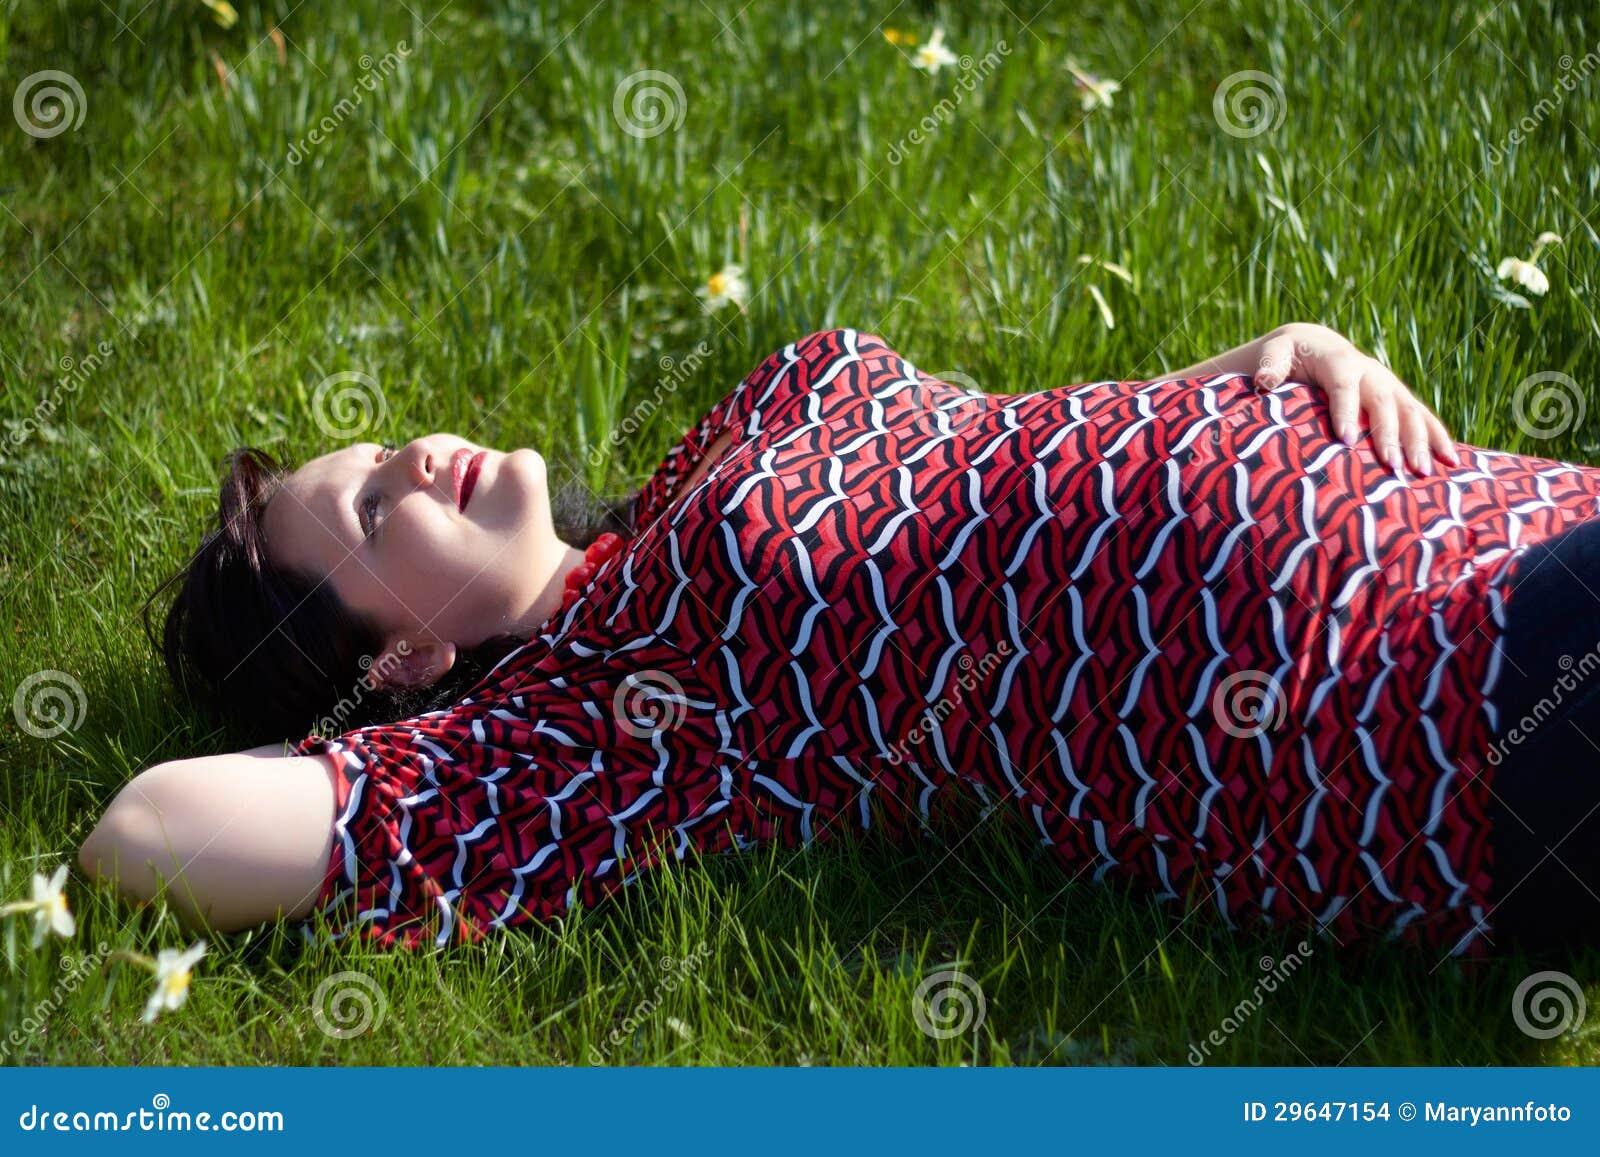 Sonhar a menina grávida encontra-se em uma grama